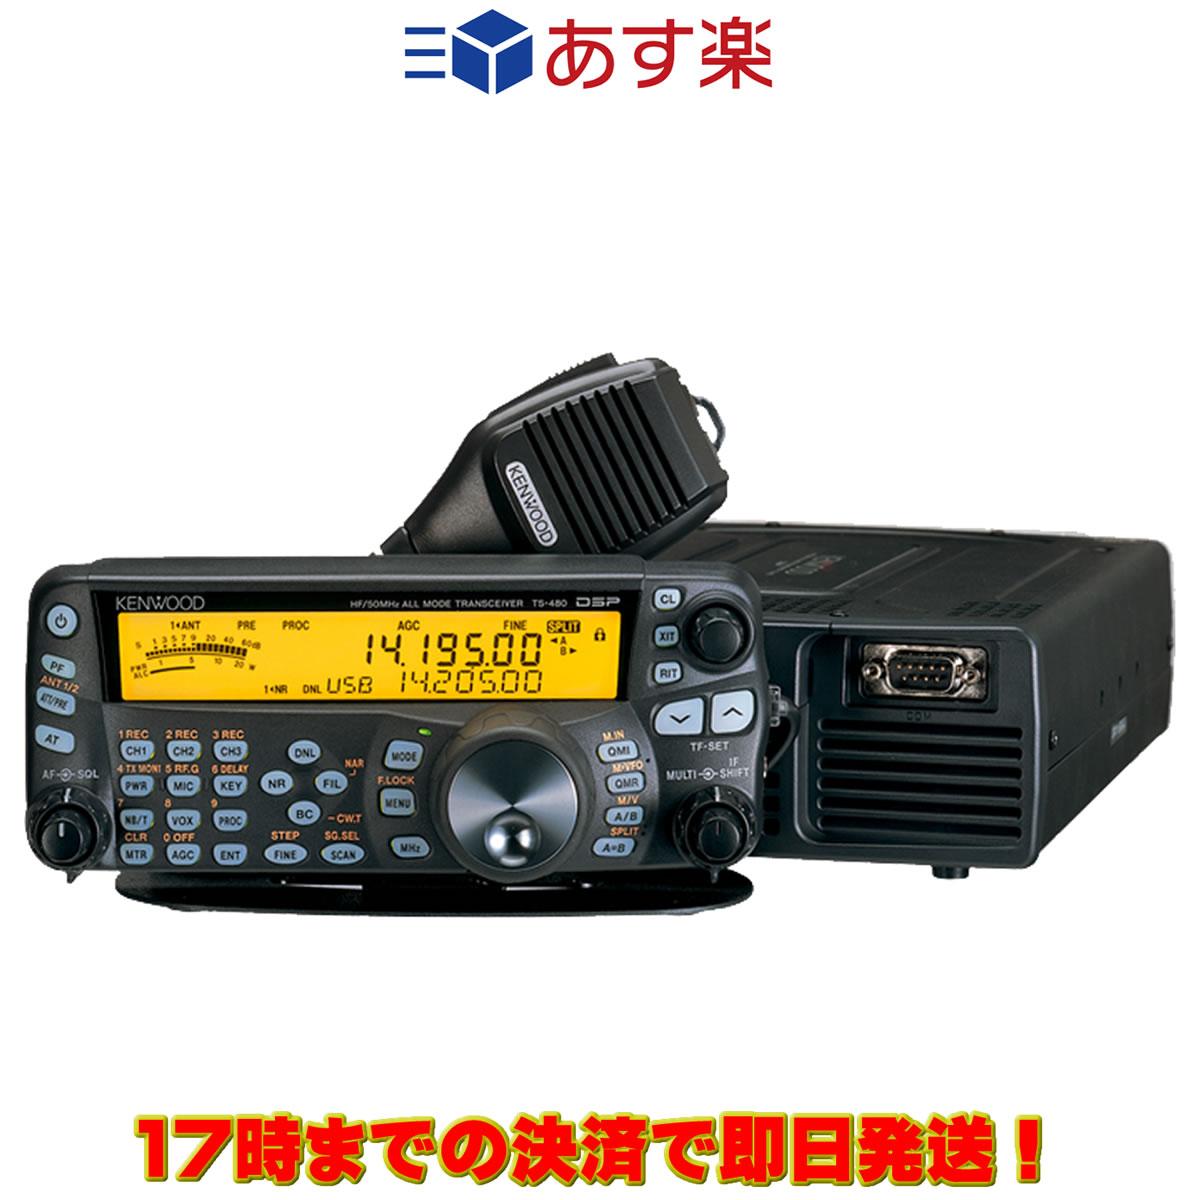 アマチュア無線機, 車載機 TS-480DAT HF50MHz 50W